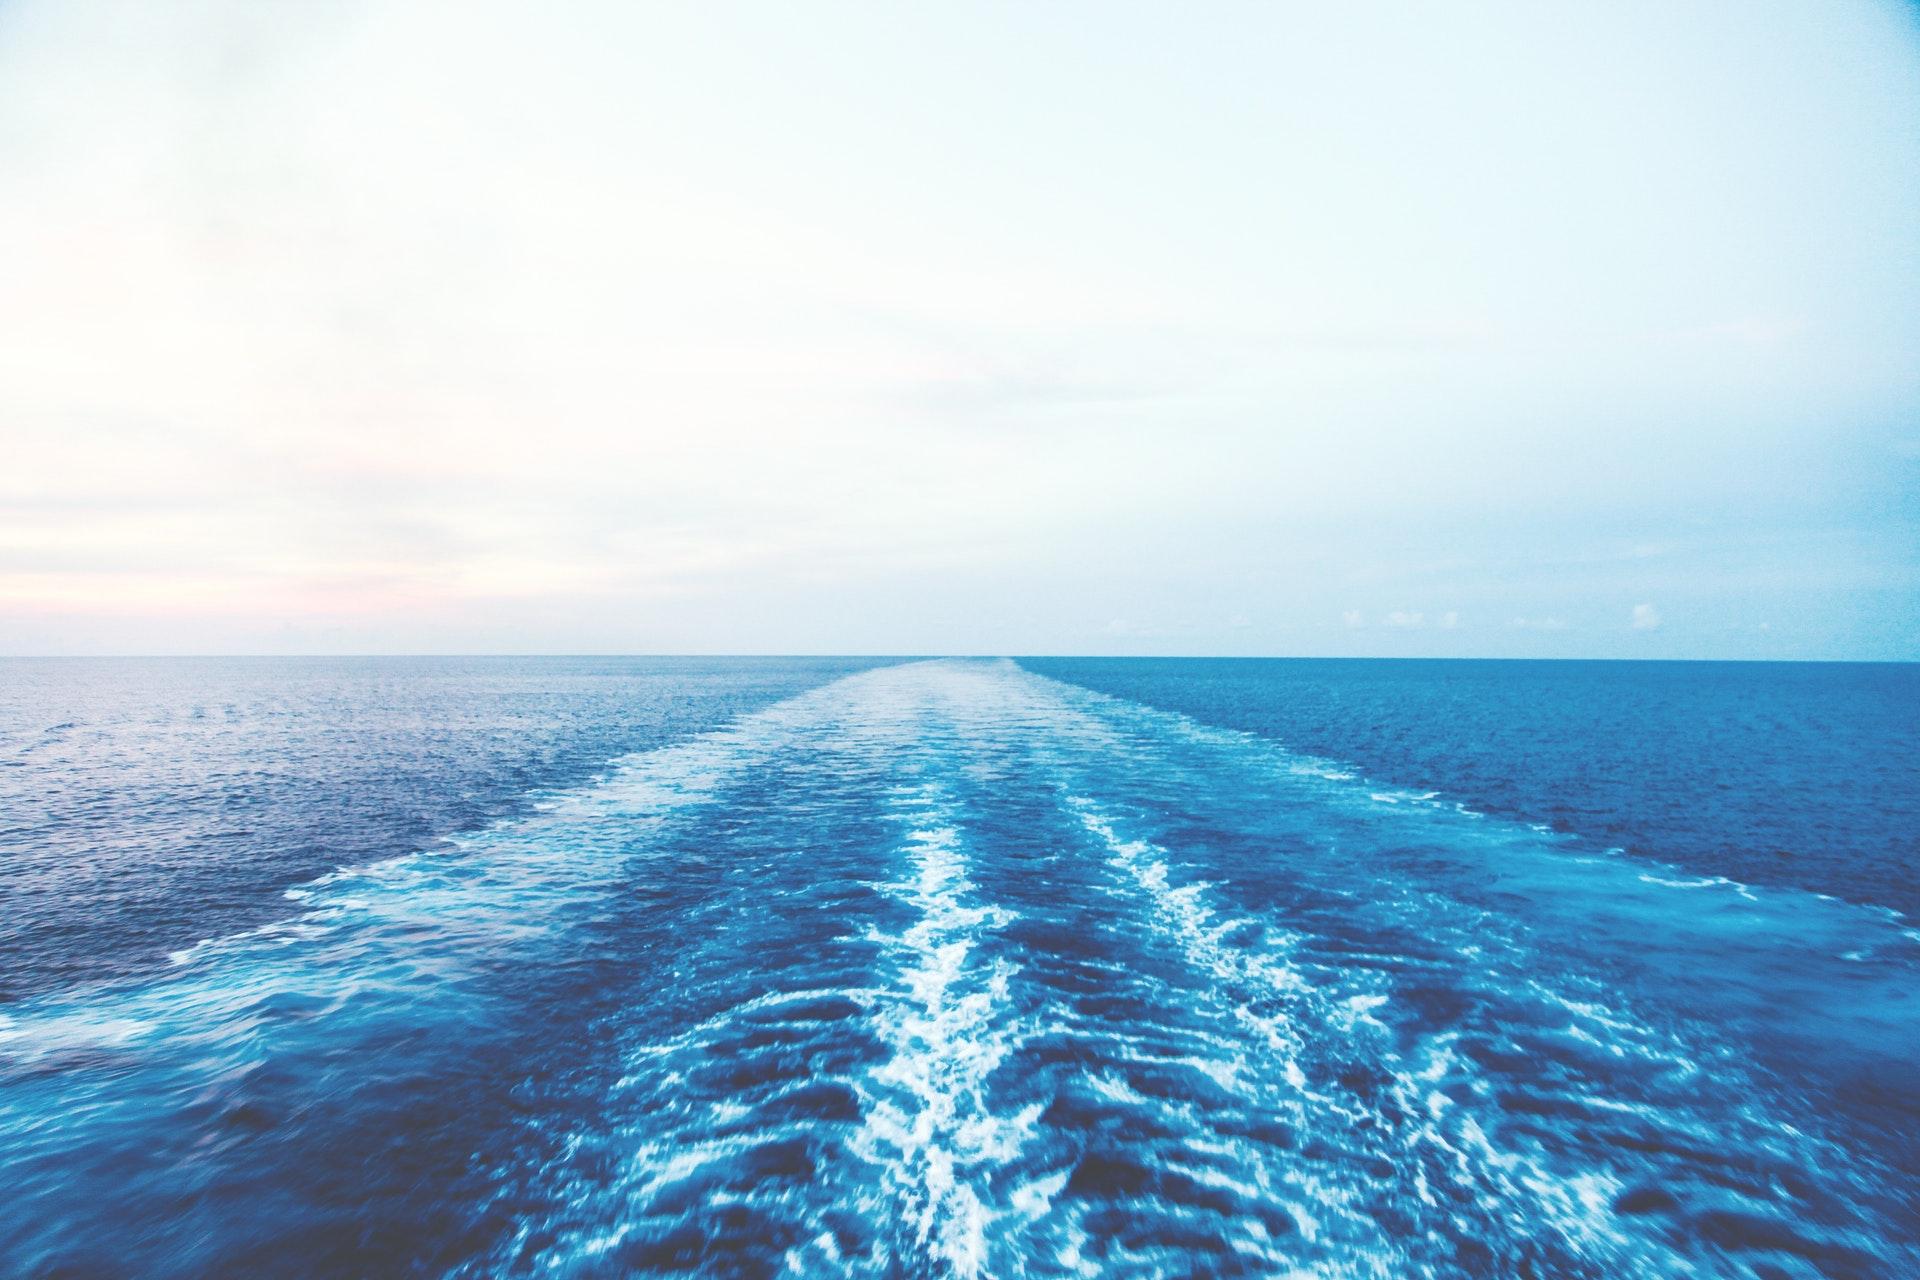 Desalación de agua de mar: una visión al futuro con nuevas tecnologías